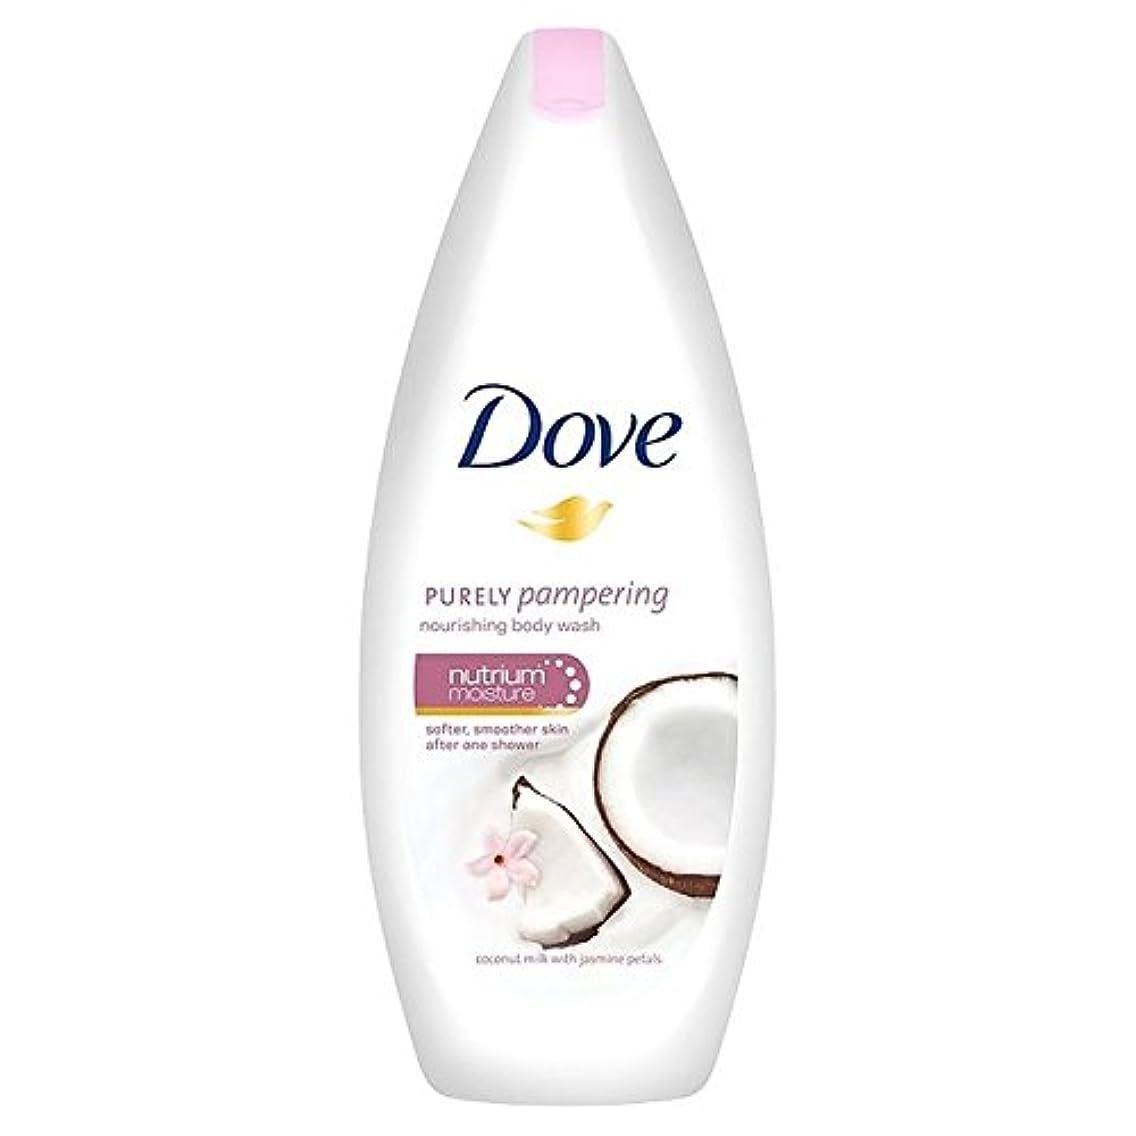 出版ブリーフケース悲惨なDove Purely Pampering Coconut Body Wash 250ml (Pack of 6) - 鳩純粋に甘やかすココナッツボディウォッシュ250ミリリットル x6 [並行輸入品]